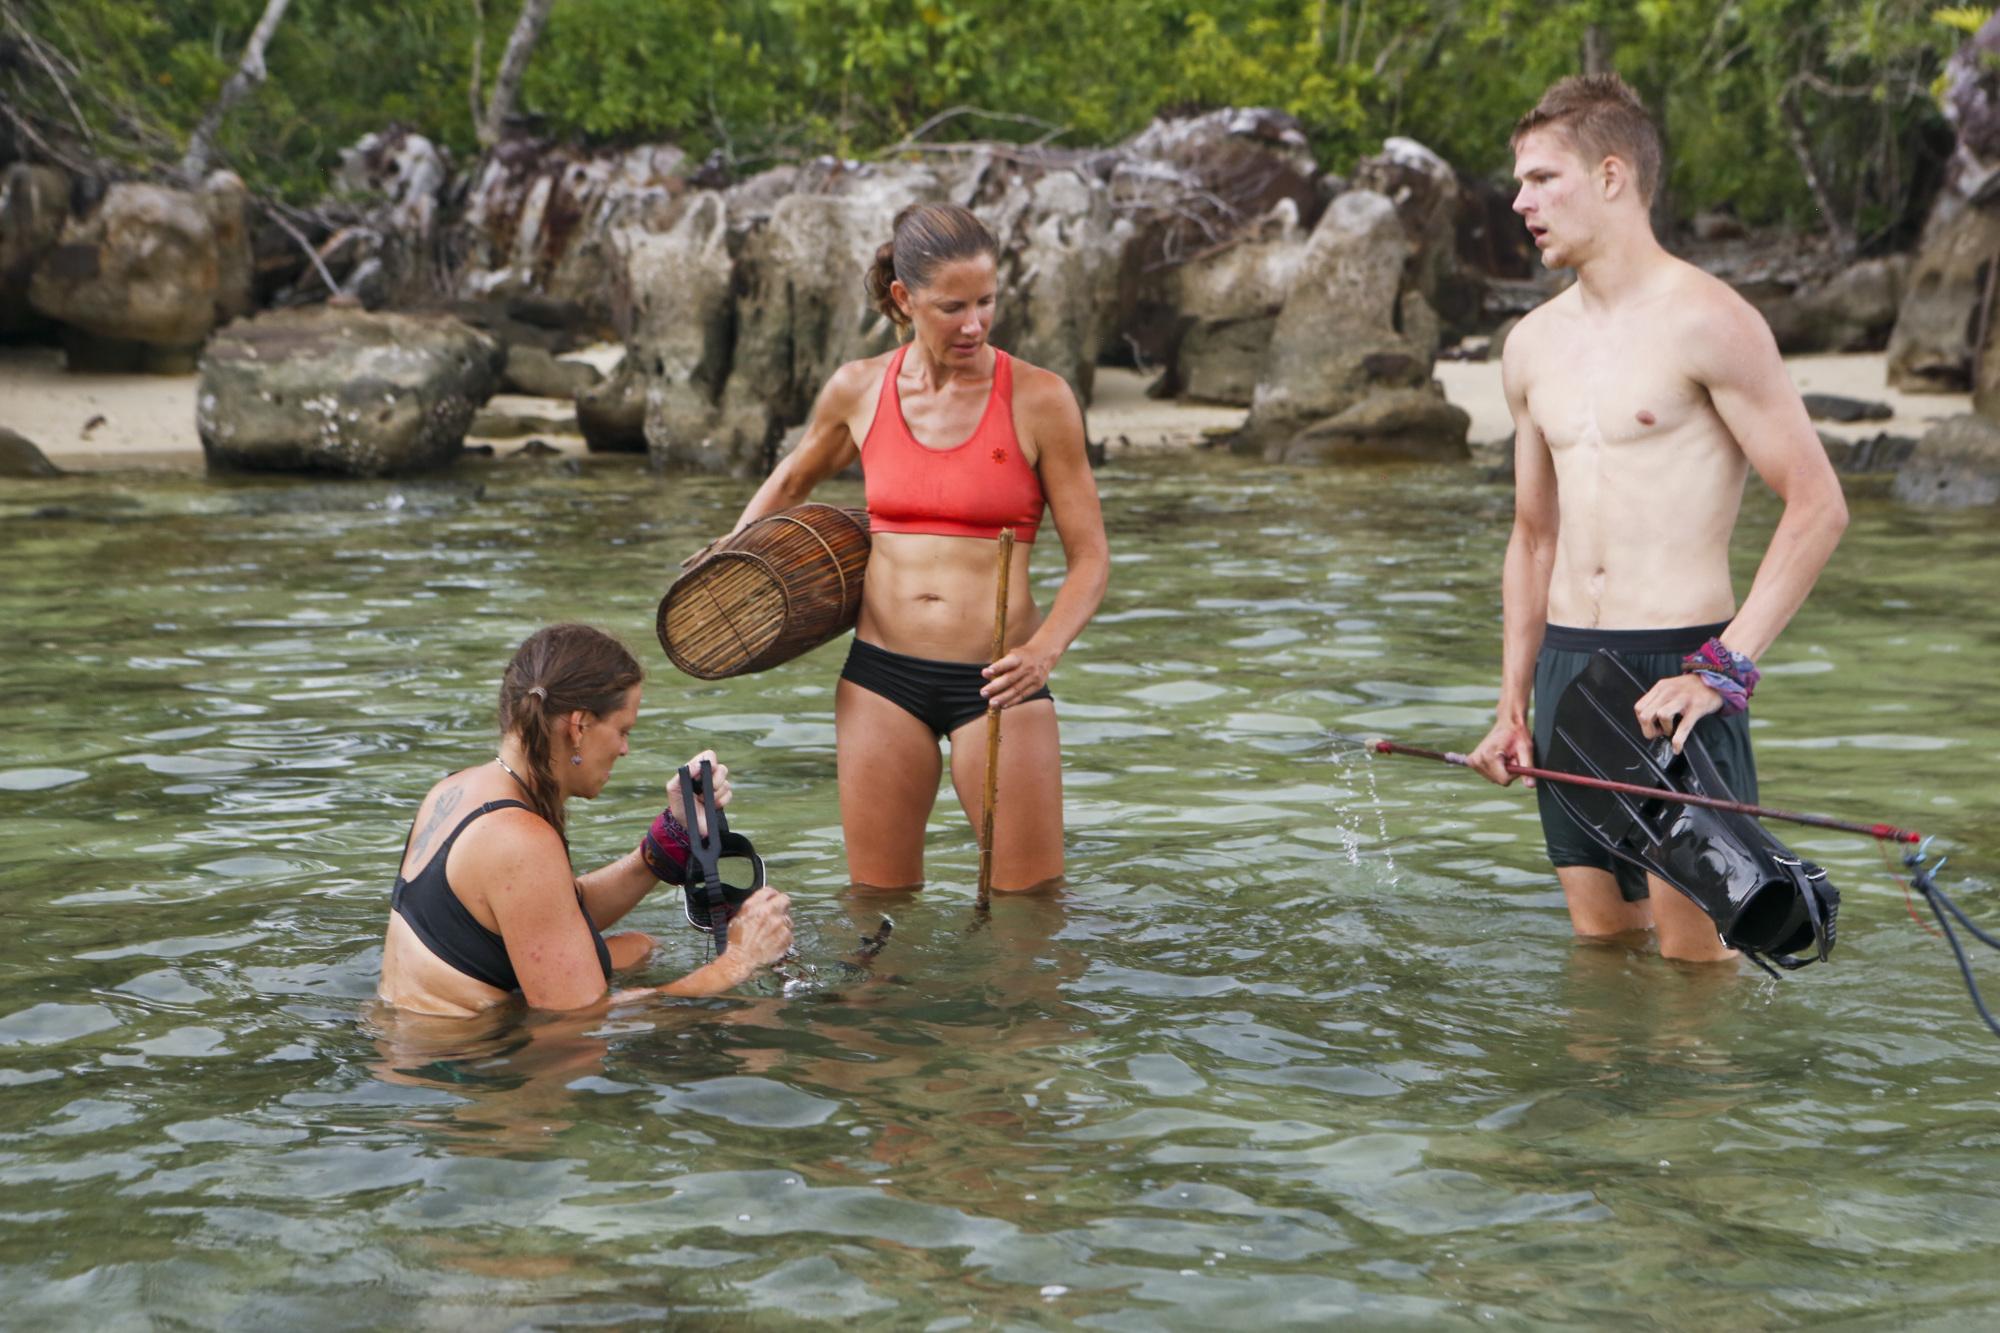 Kimmi Kappenberg, Kelly Wiglesworth and Spencer Bledsoe on Survivor: Second Chance